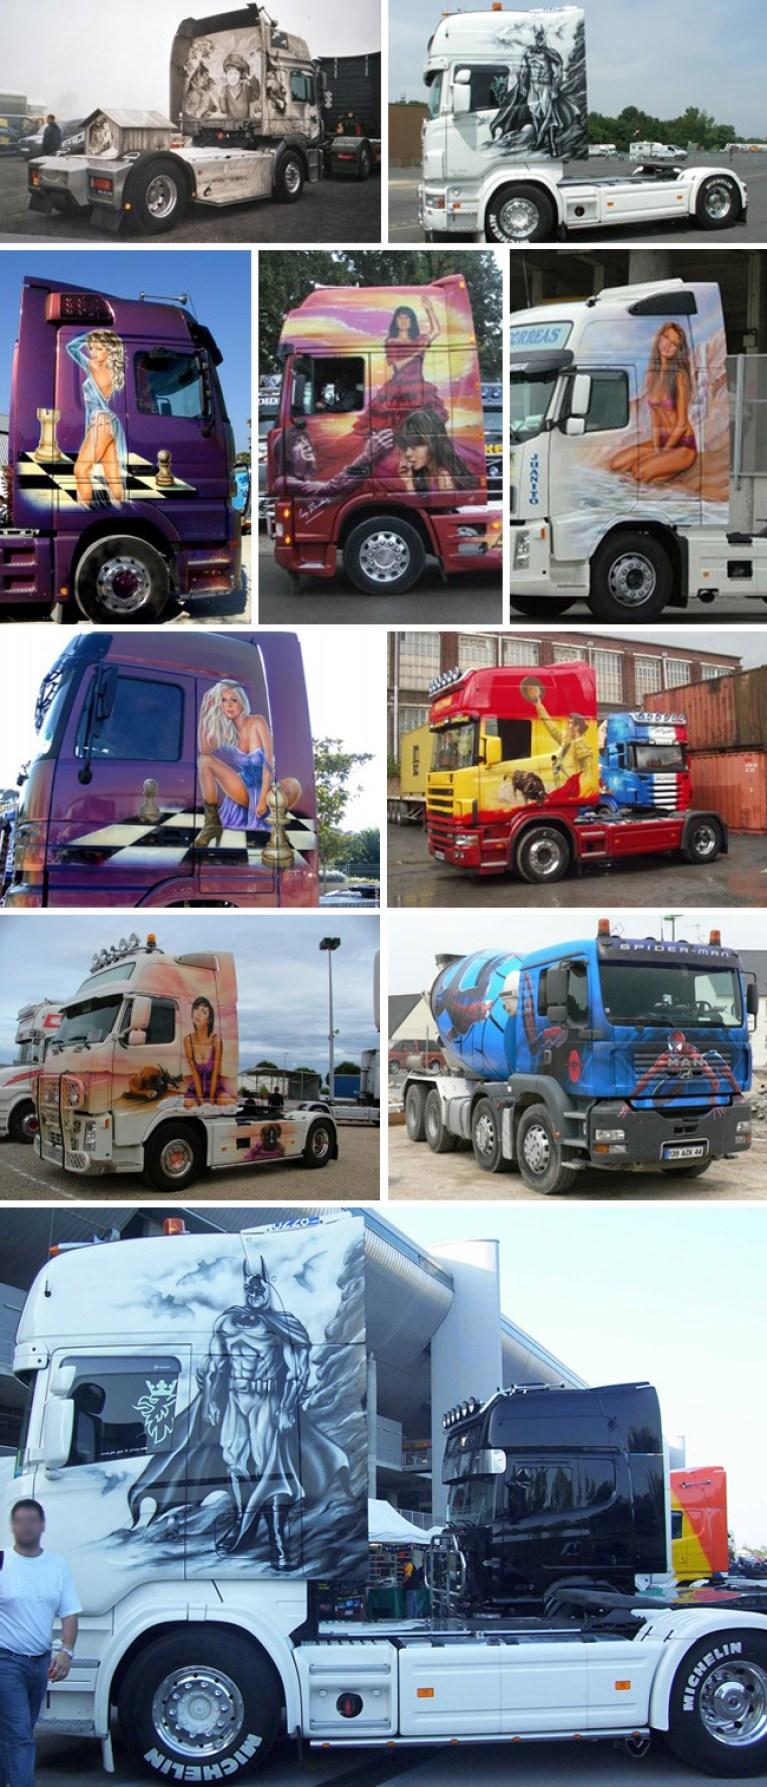 aerografia_camiones_vehiculos_carrocerias_aerografo_cursos_academia_c10_madrid_1